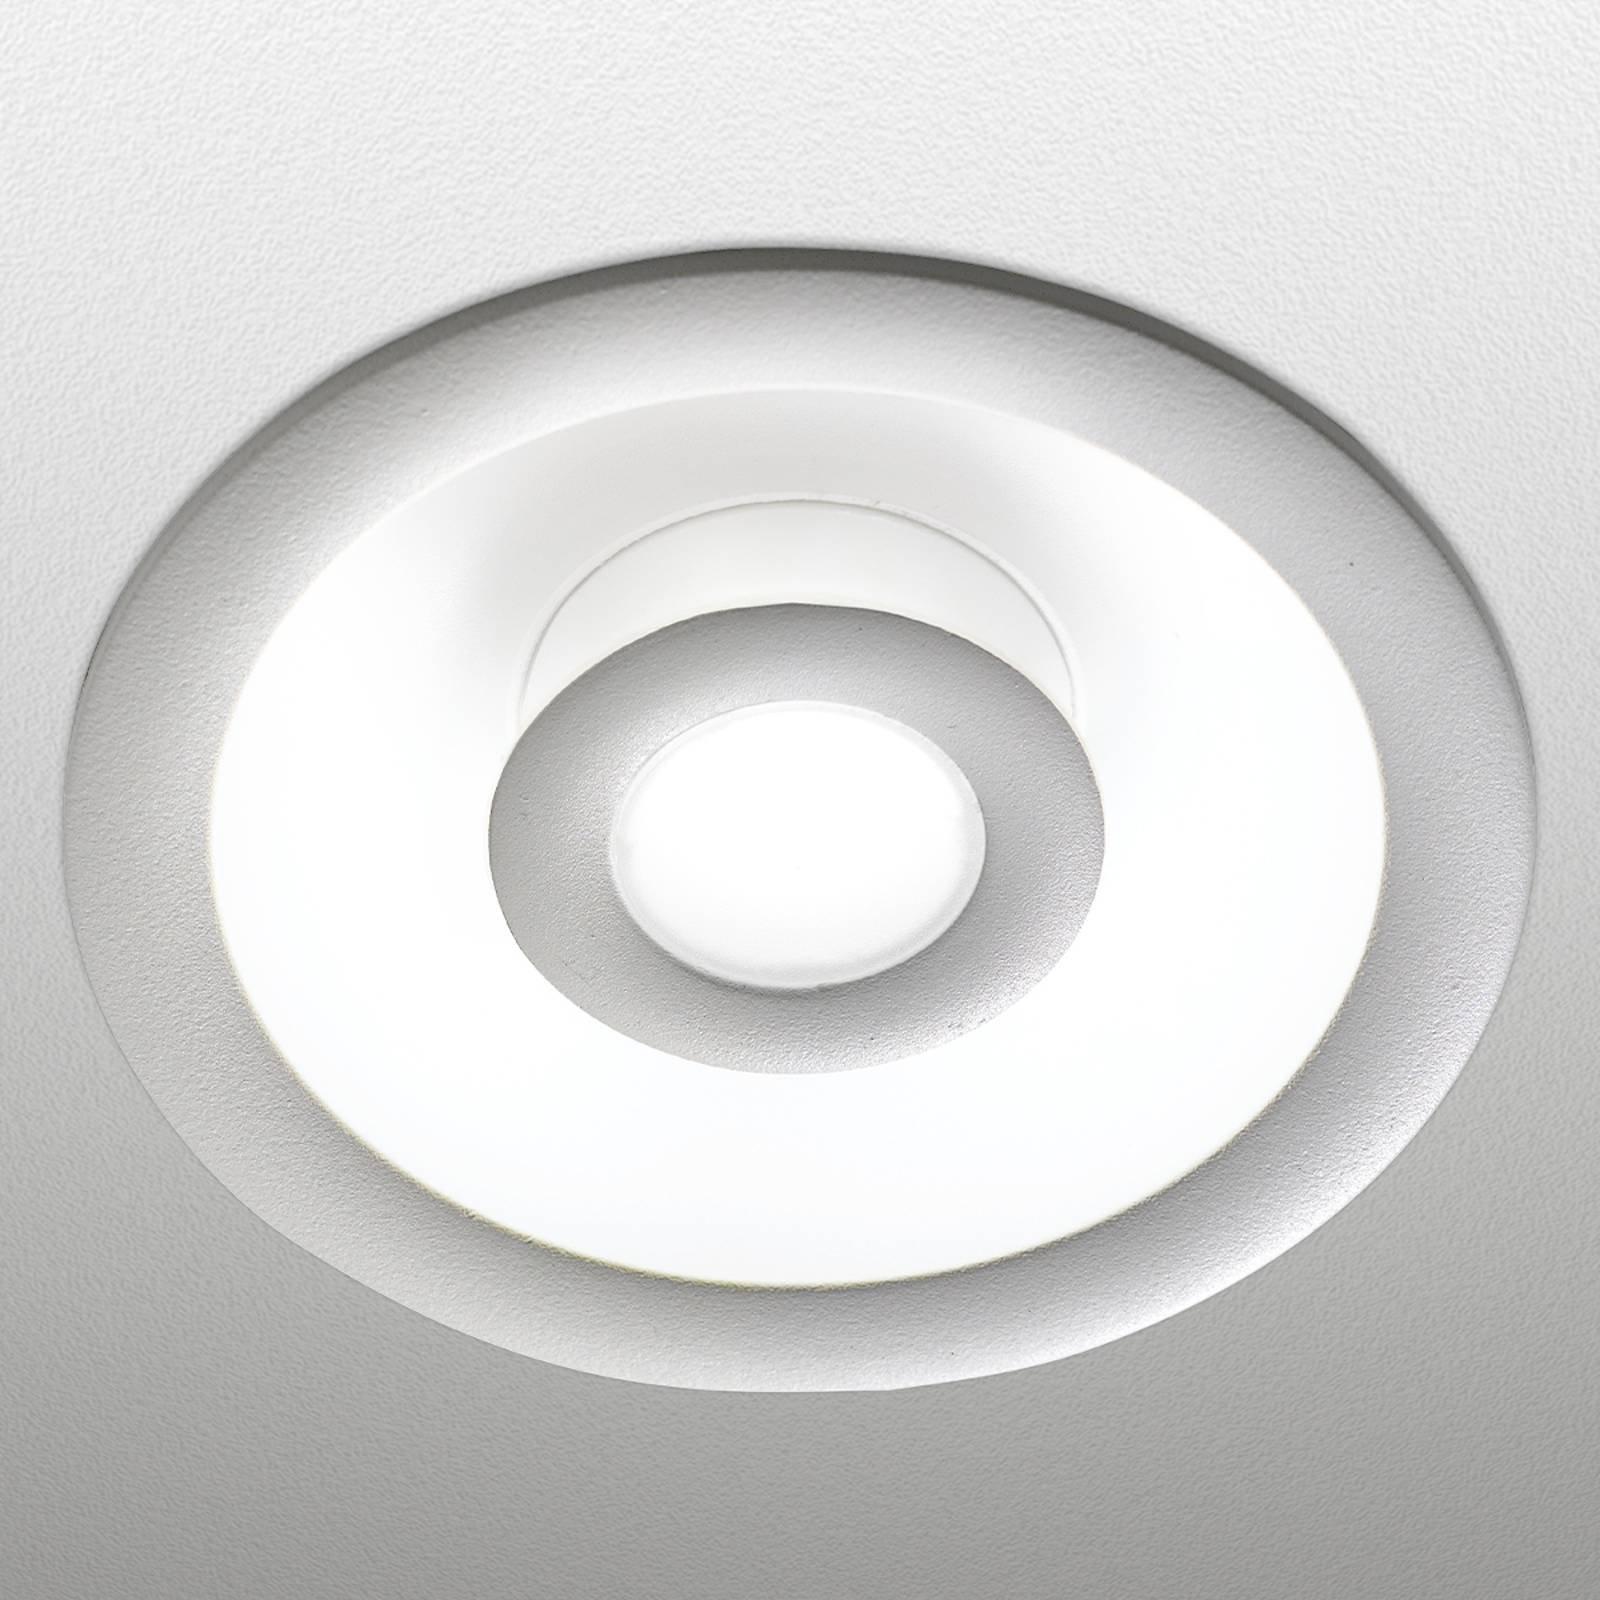 Eclipse innbygget taklampe med LED